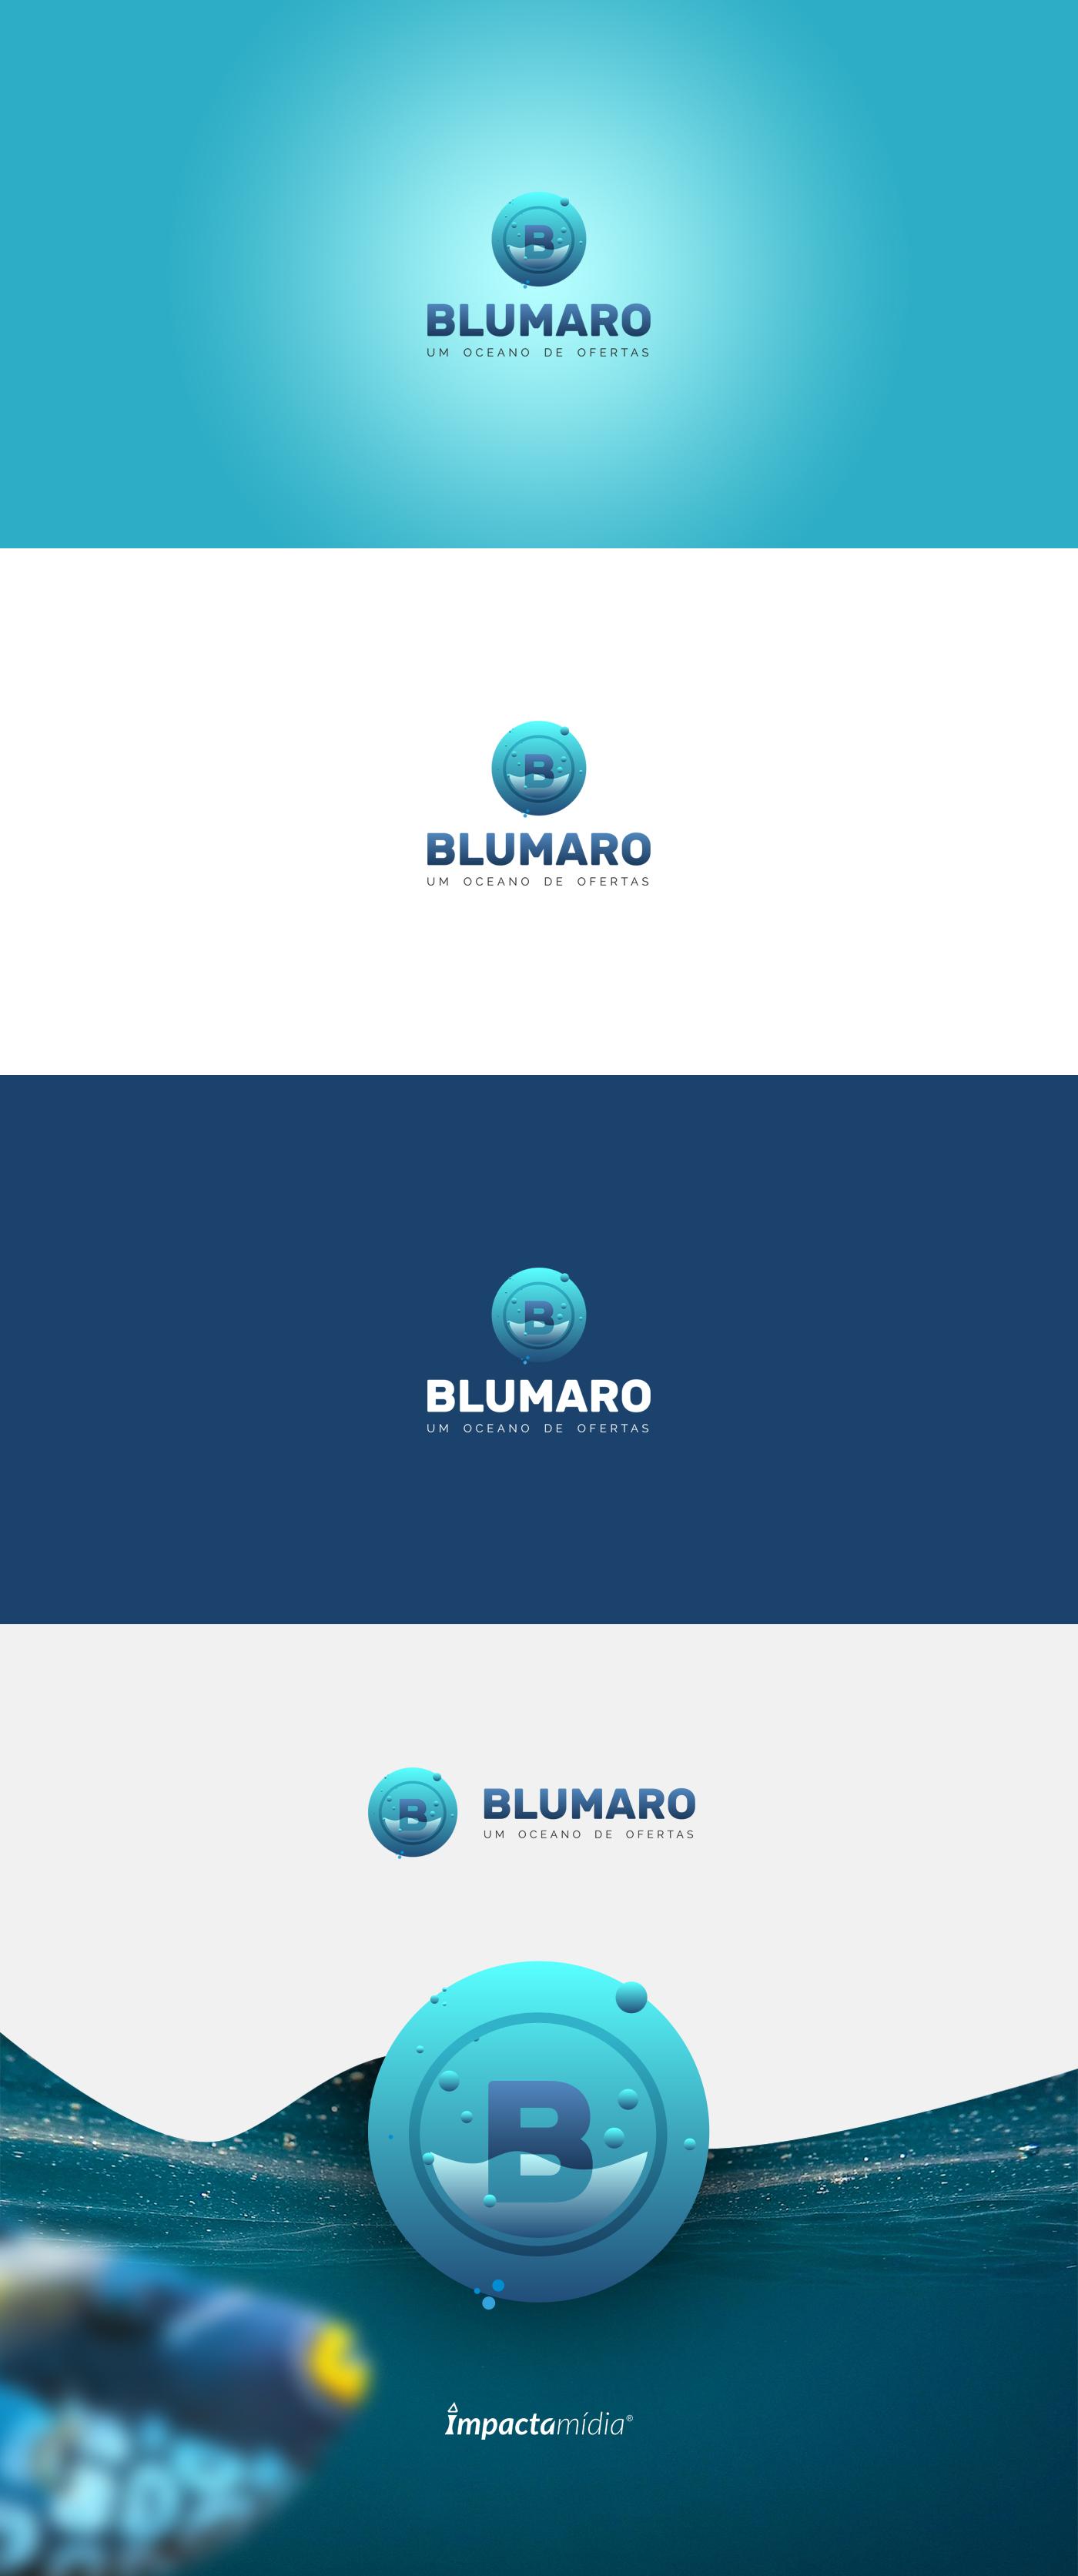 logo Logo Design underwater water blue green blumaro graphic graphic logo